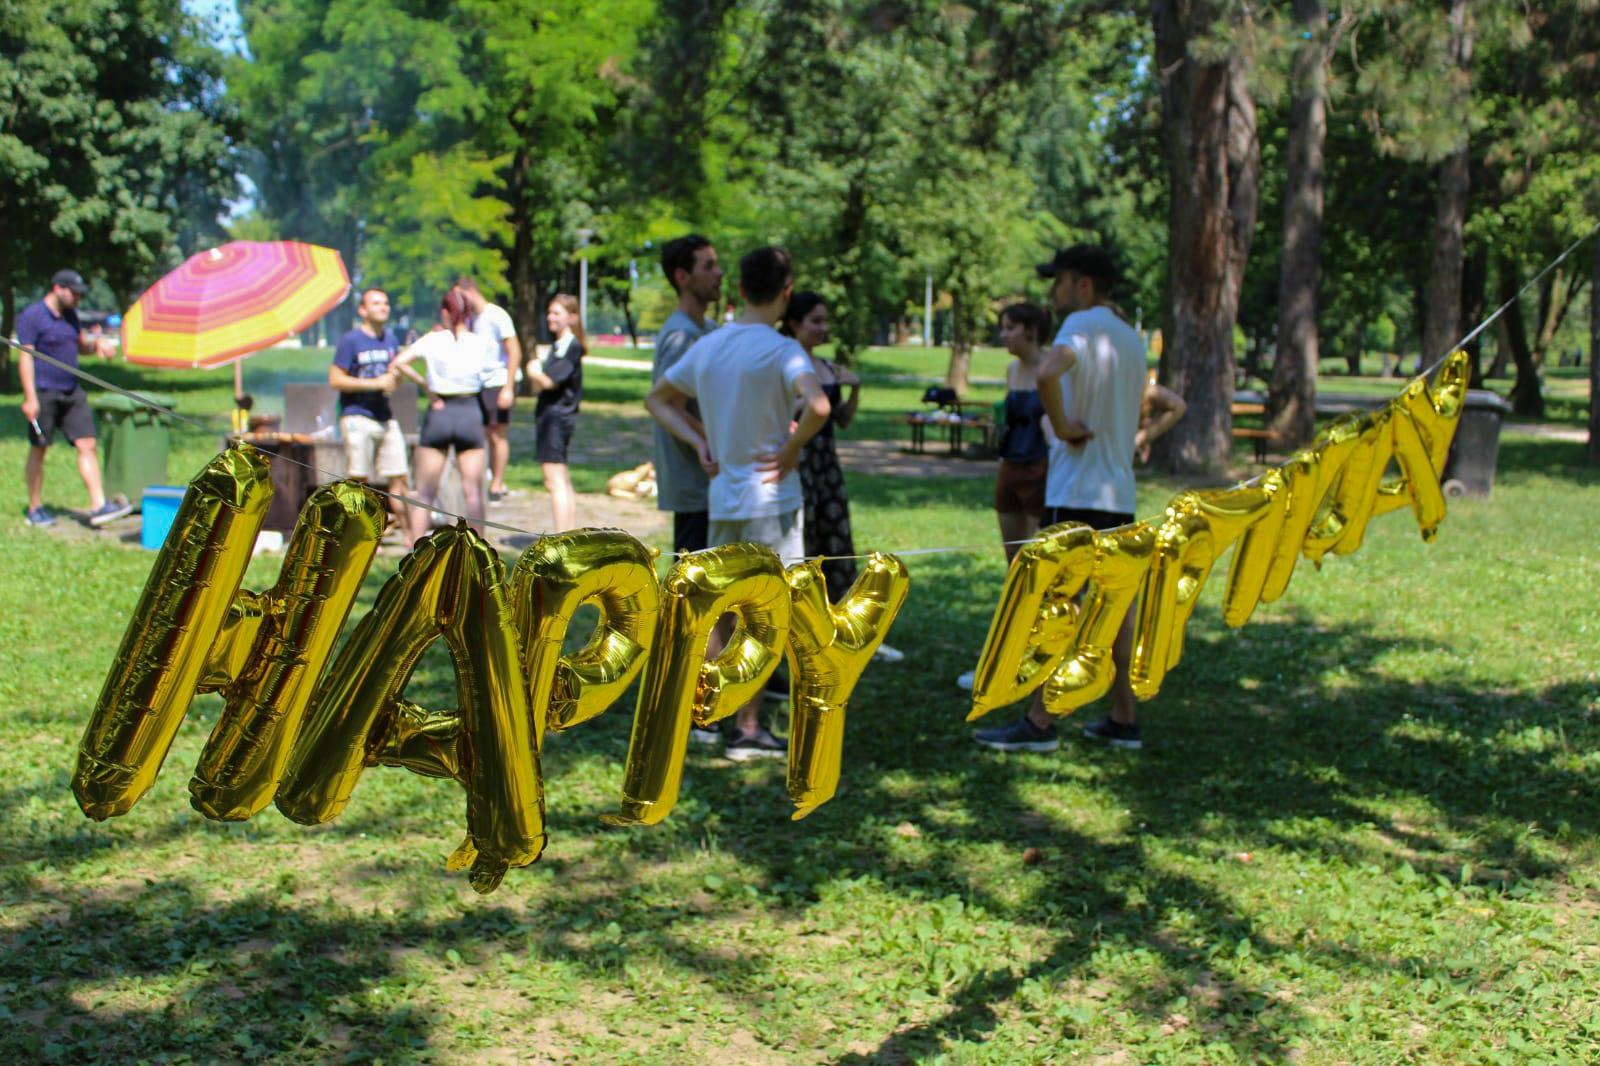 Najavili nove projekte: Studentska udruga za koju znaju svi Erasmusovci proslavila deseti rođendan